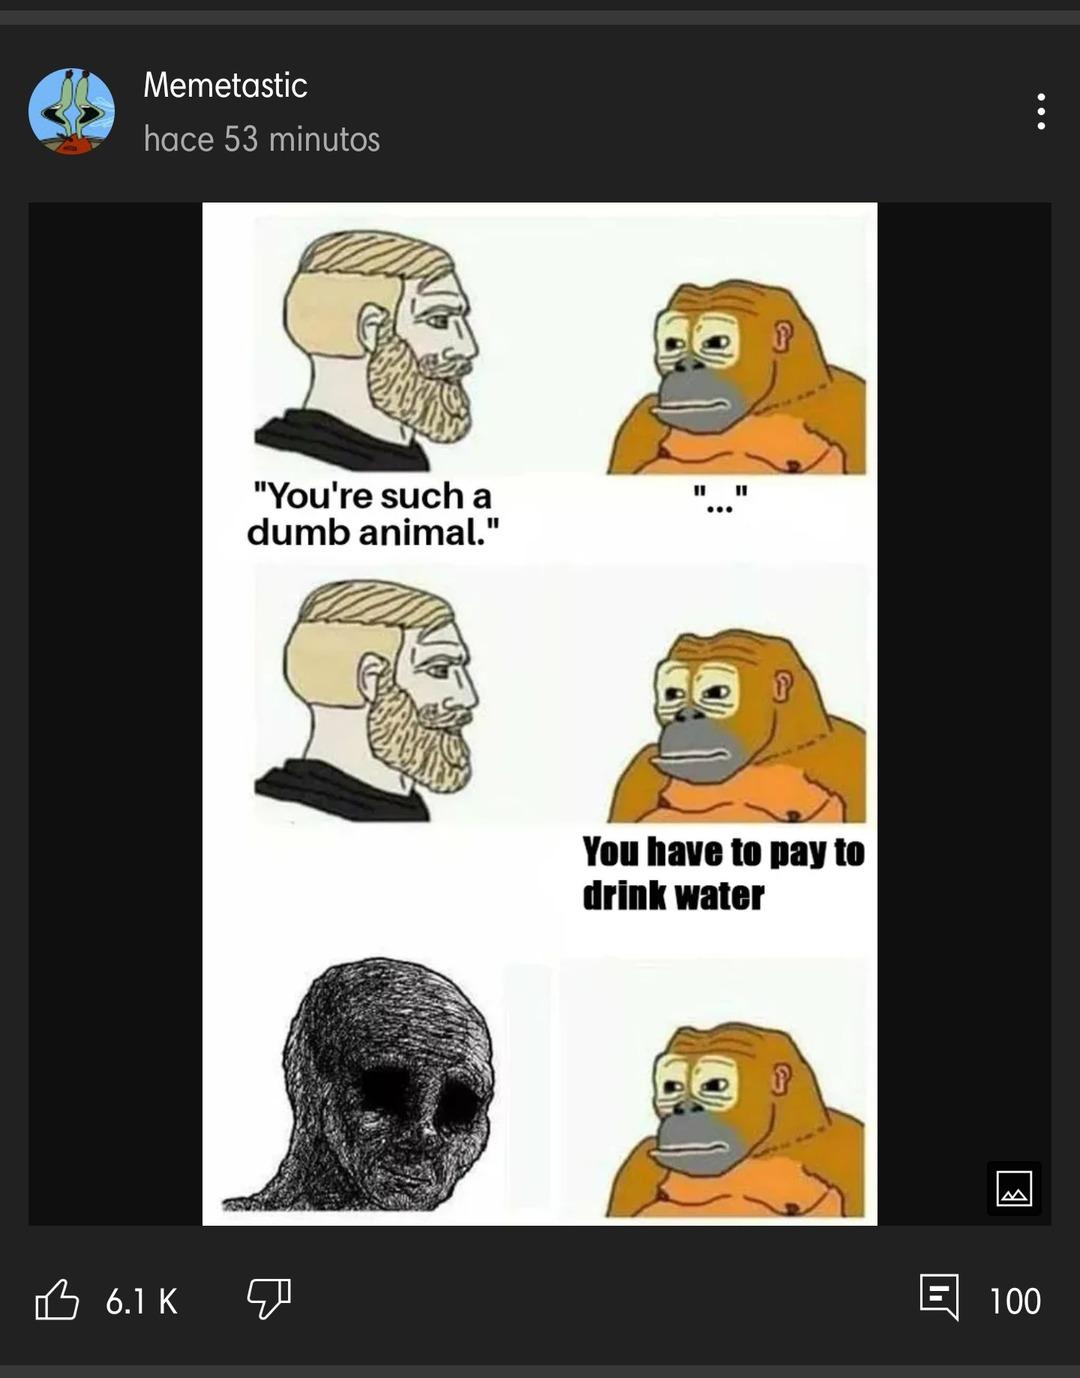 Le informo a moderacion que ahora ellos nos roban los memes